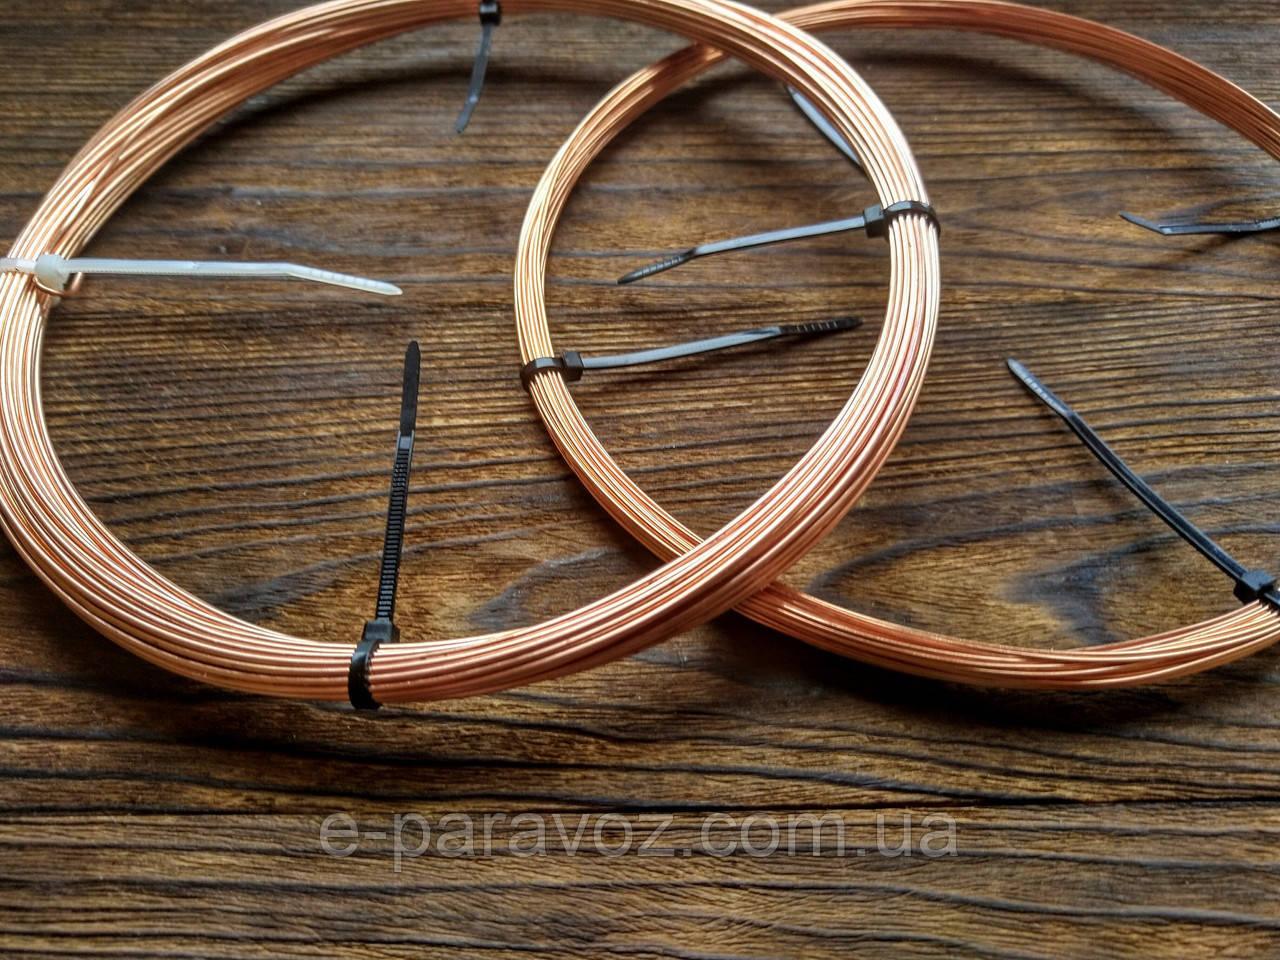 Медь 1.2 мм - 10 метров, медная проволока для рукоделия, бисера, бижутерии